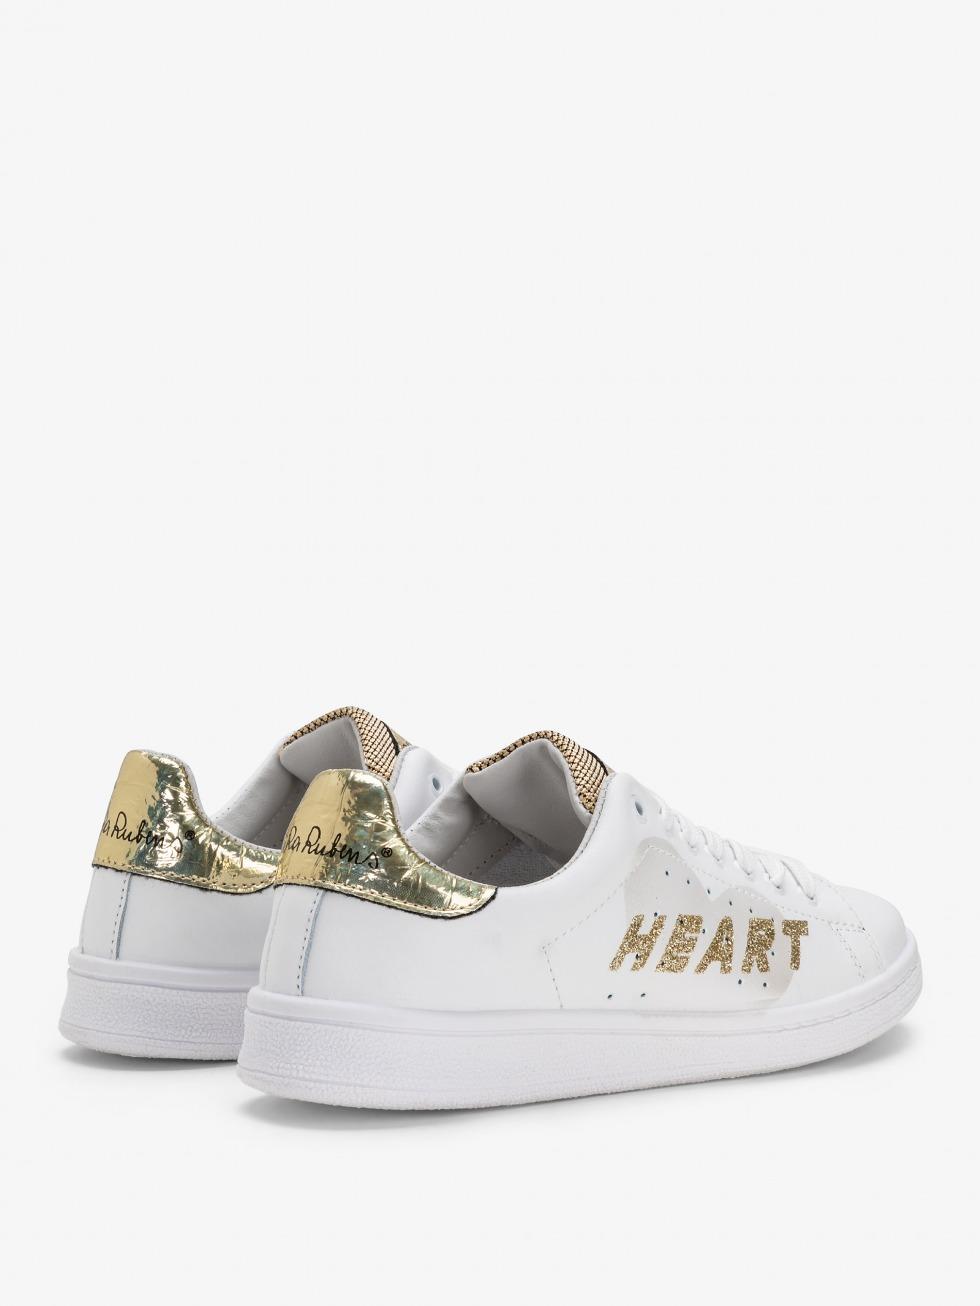 Sneakers Daiquiri - Cuore Space Gold Glitter